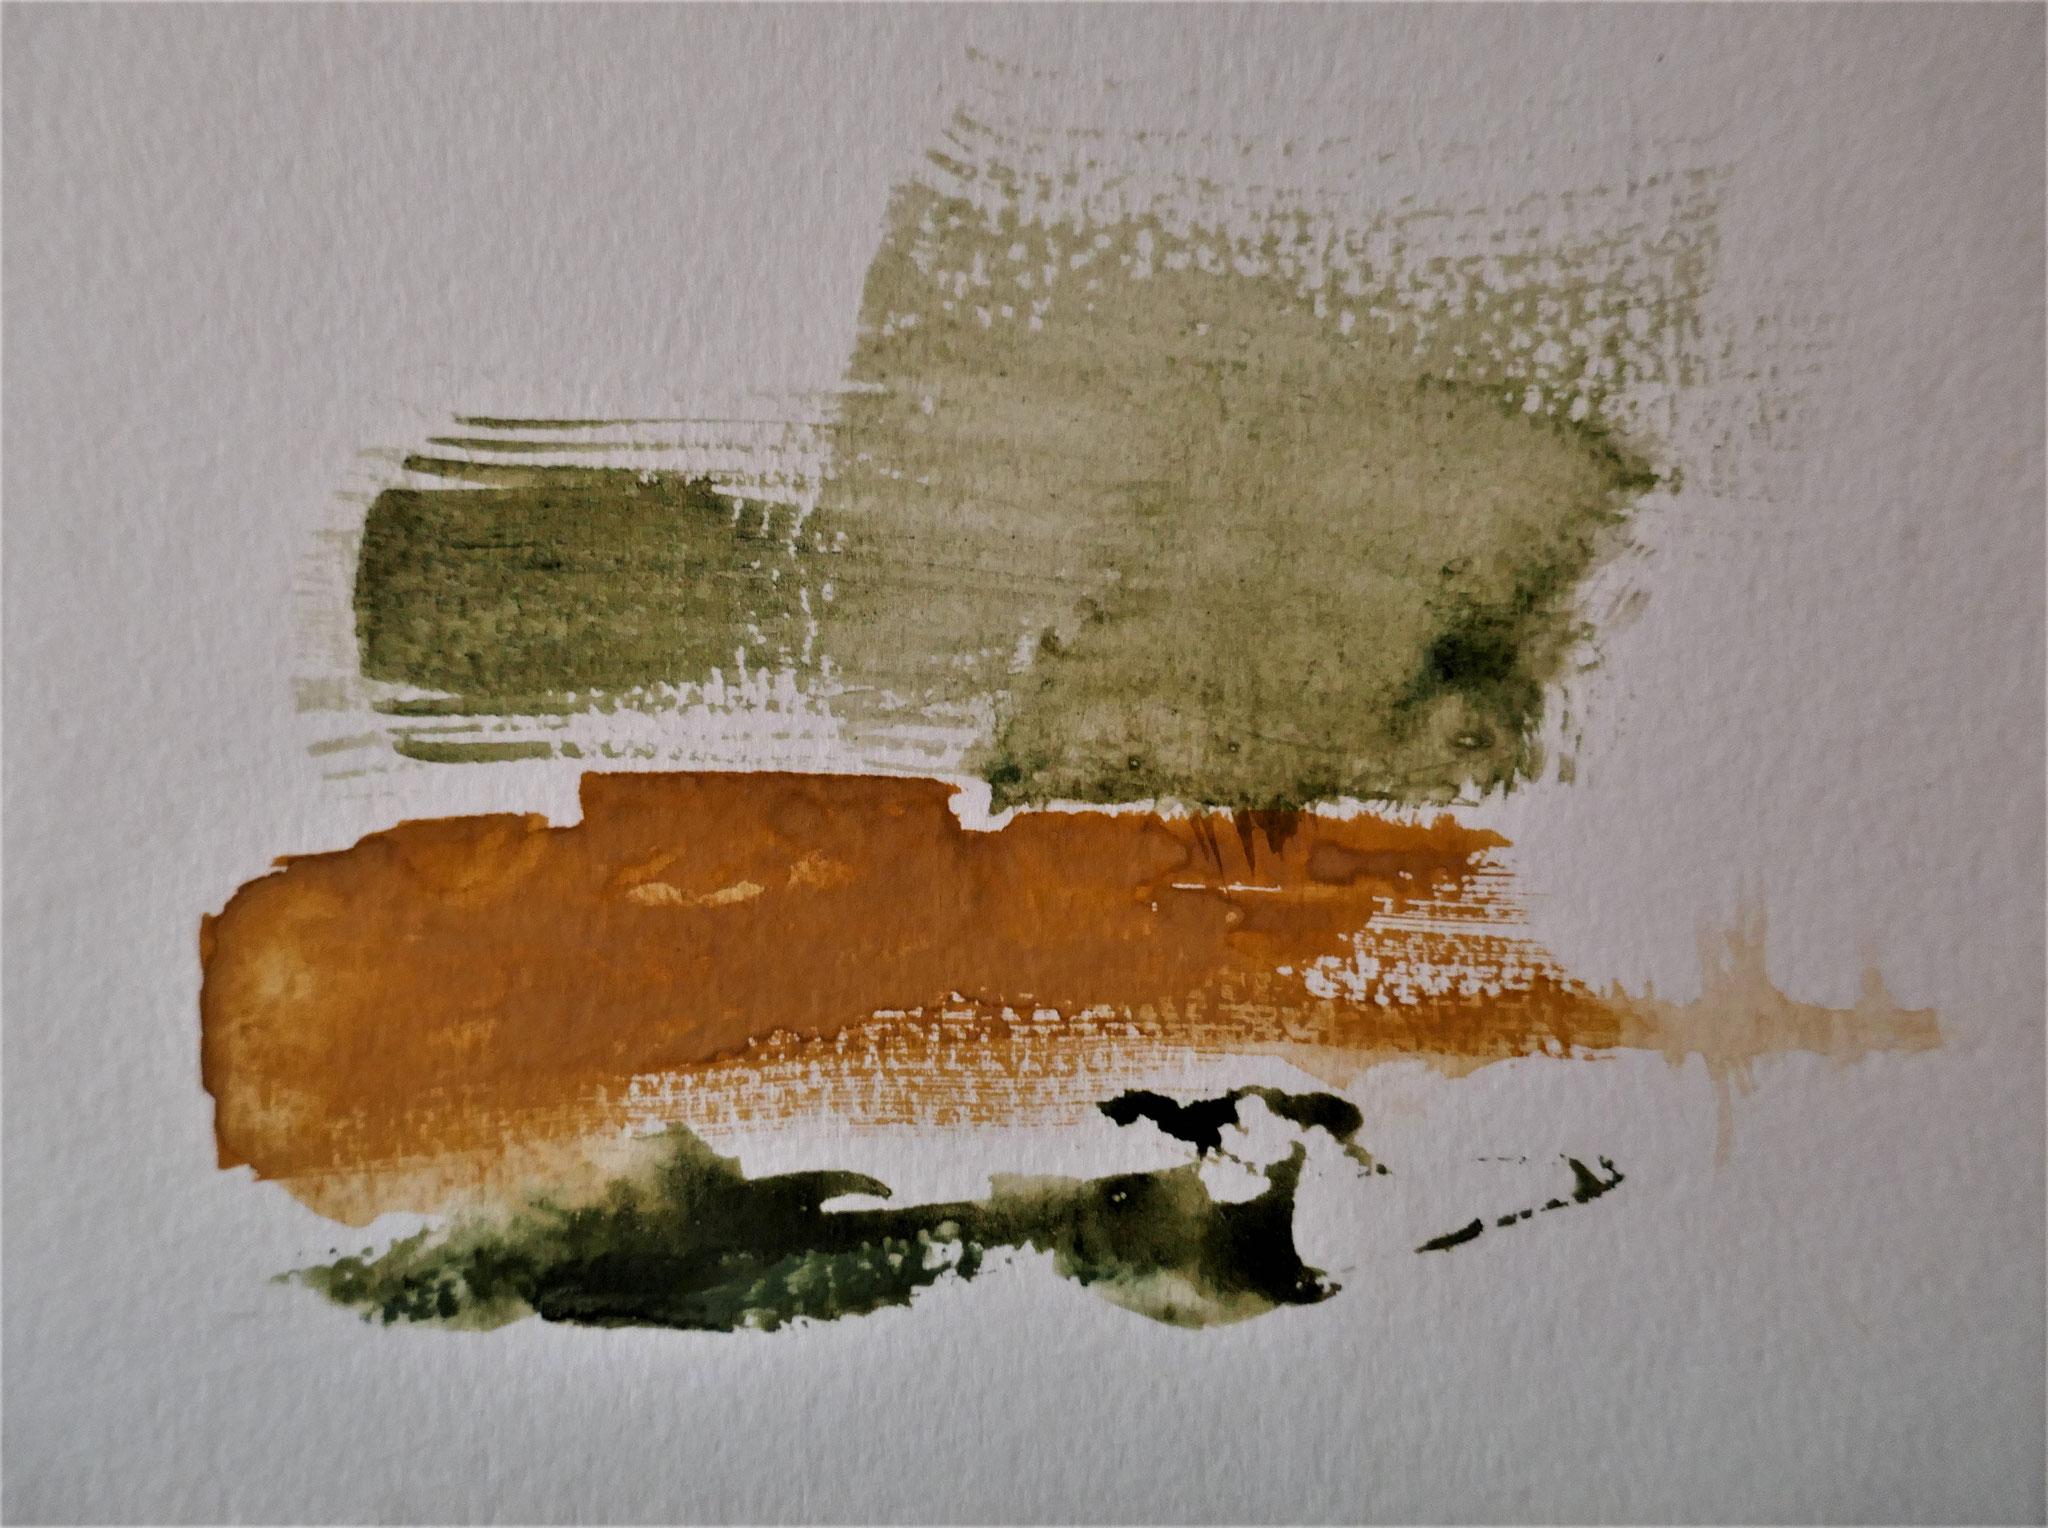 N°42 : 15 cm X 20 cm : pigments aquarellés sur papier